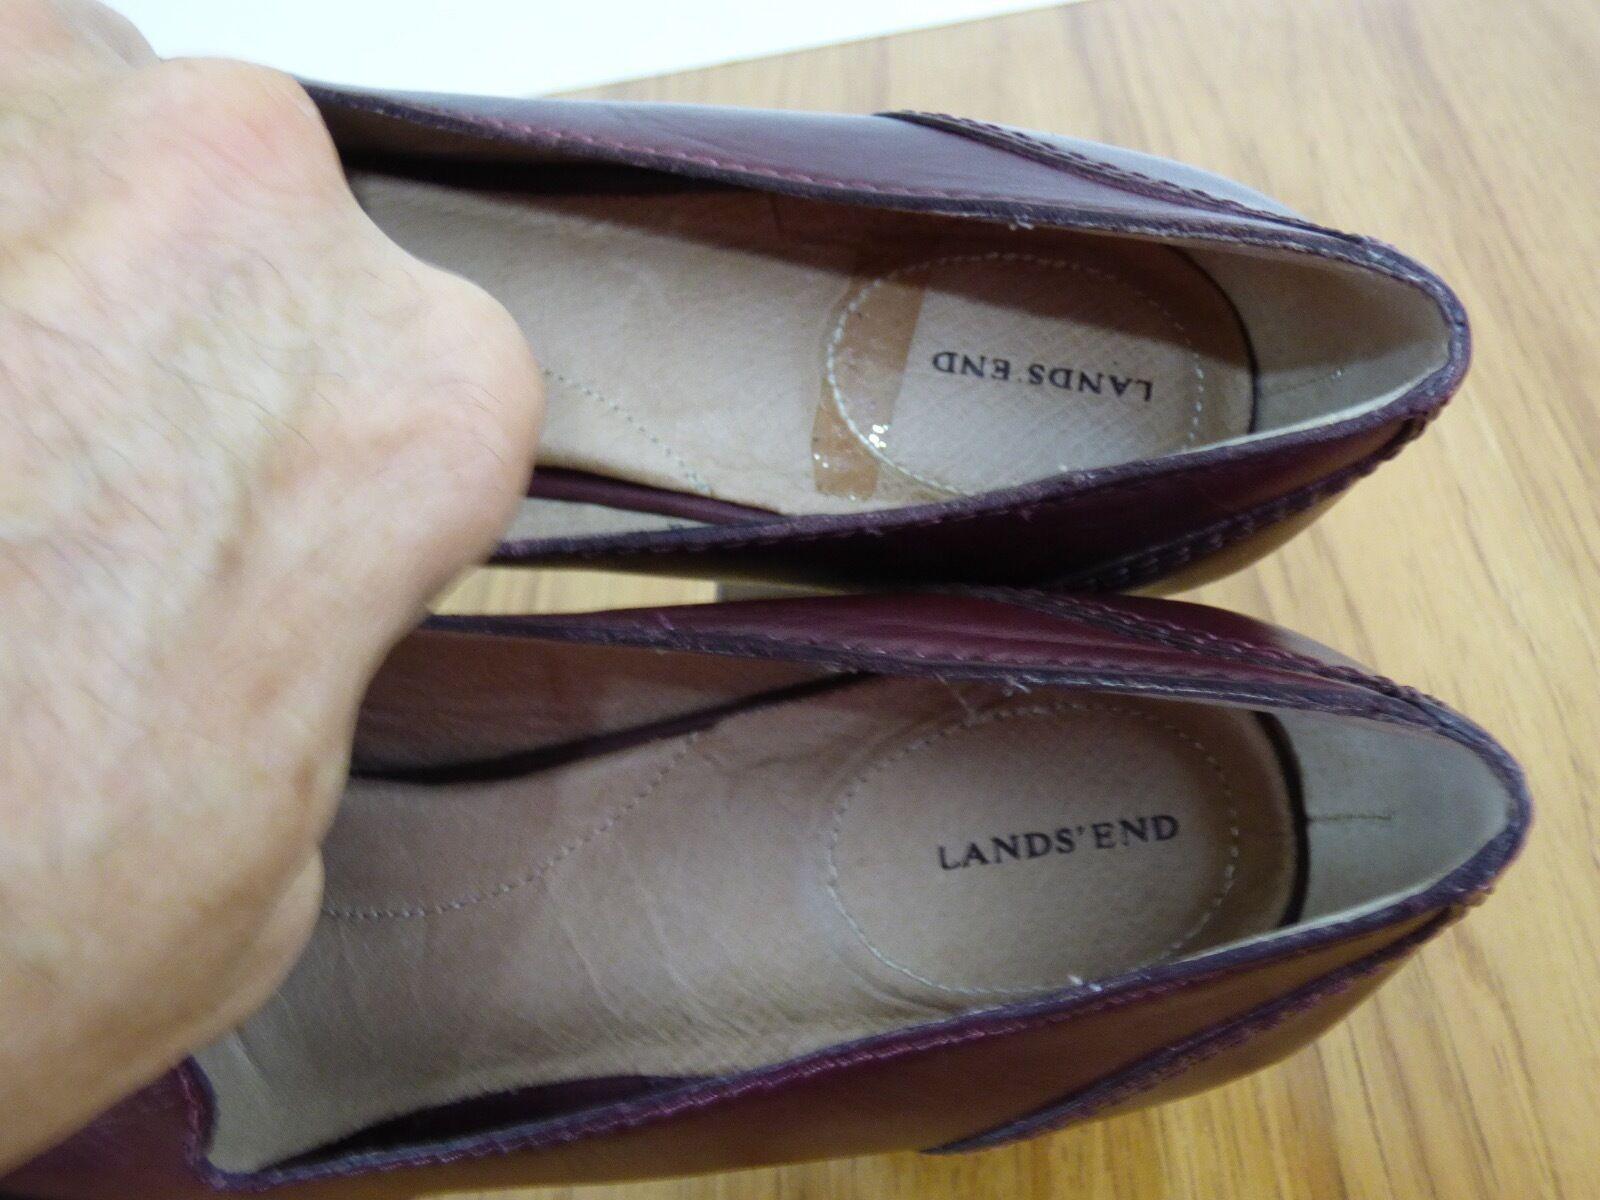 Lands End Stowe Sz 8B Burgundy Leder High Heel Tassel Pumps Schuhes Damenschuhe 8B